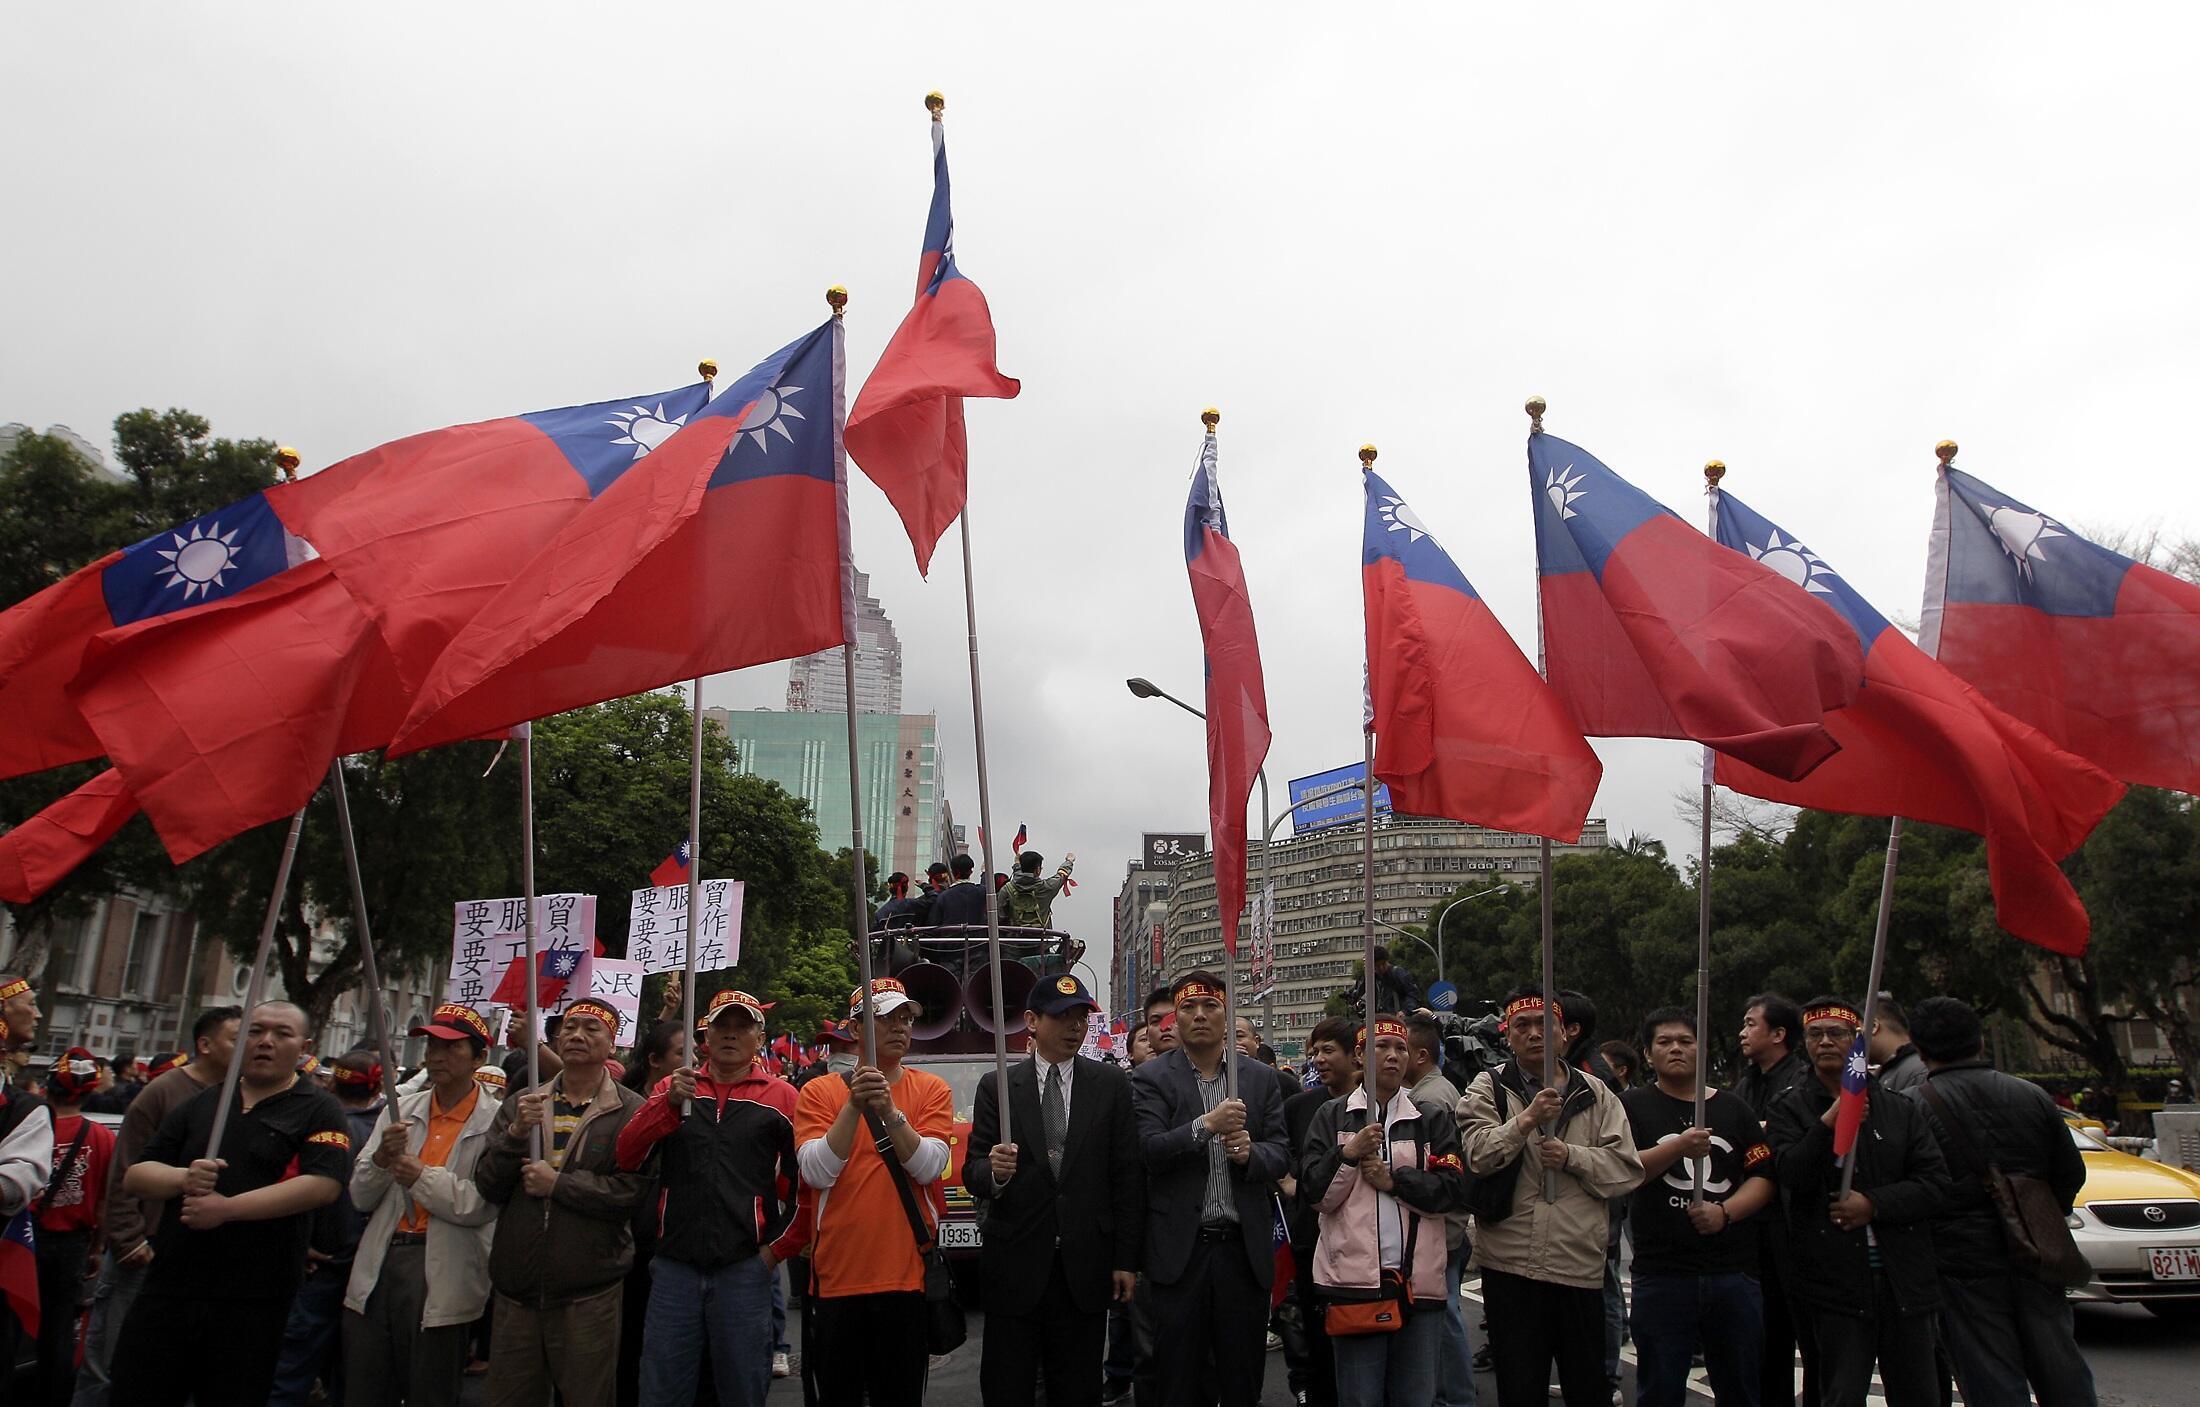 Phong trào sinh viên Đài Loan biểu tình 17 ngày liên tục - REUTERS /Pichi Chuang